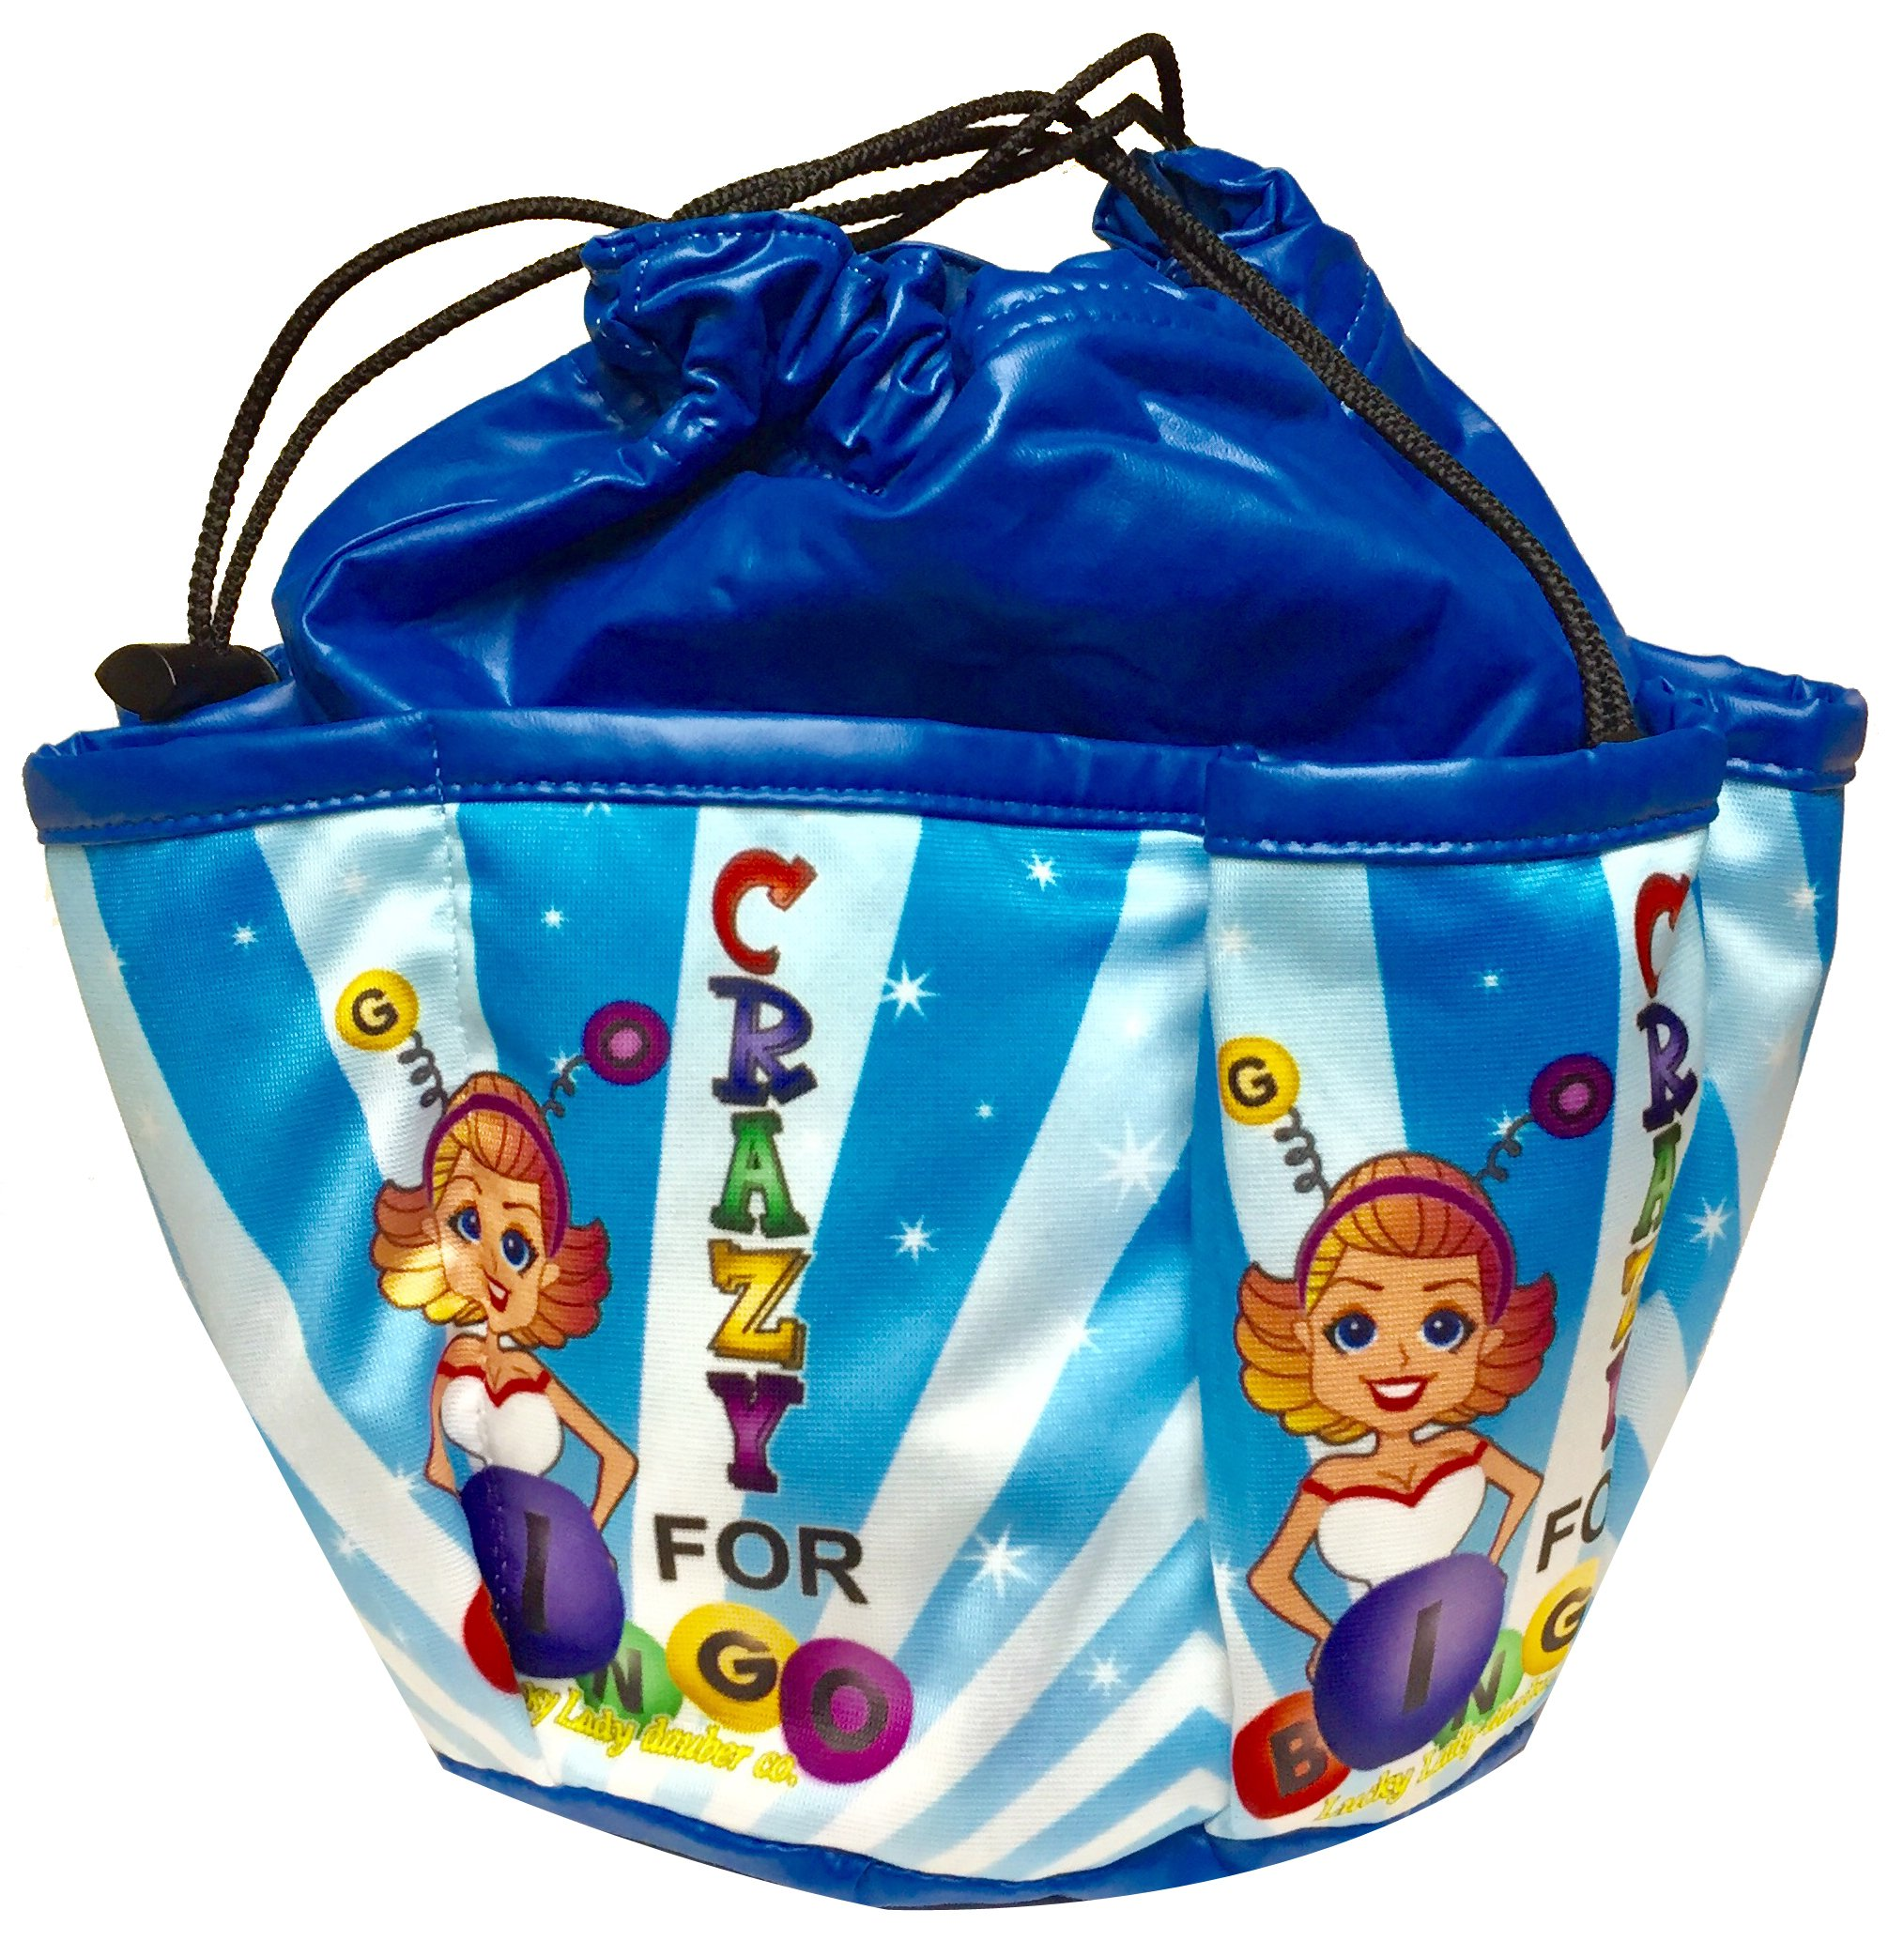 Lucky Lady Blue Bingo Bag''Go Crazy For Bingo''